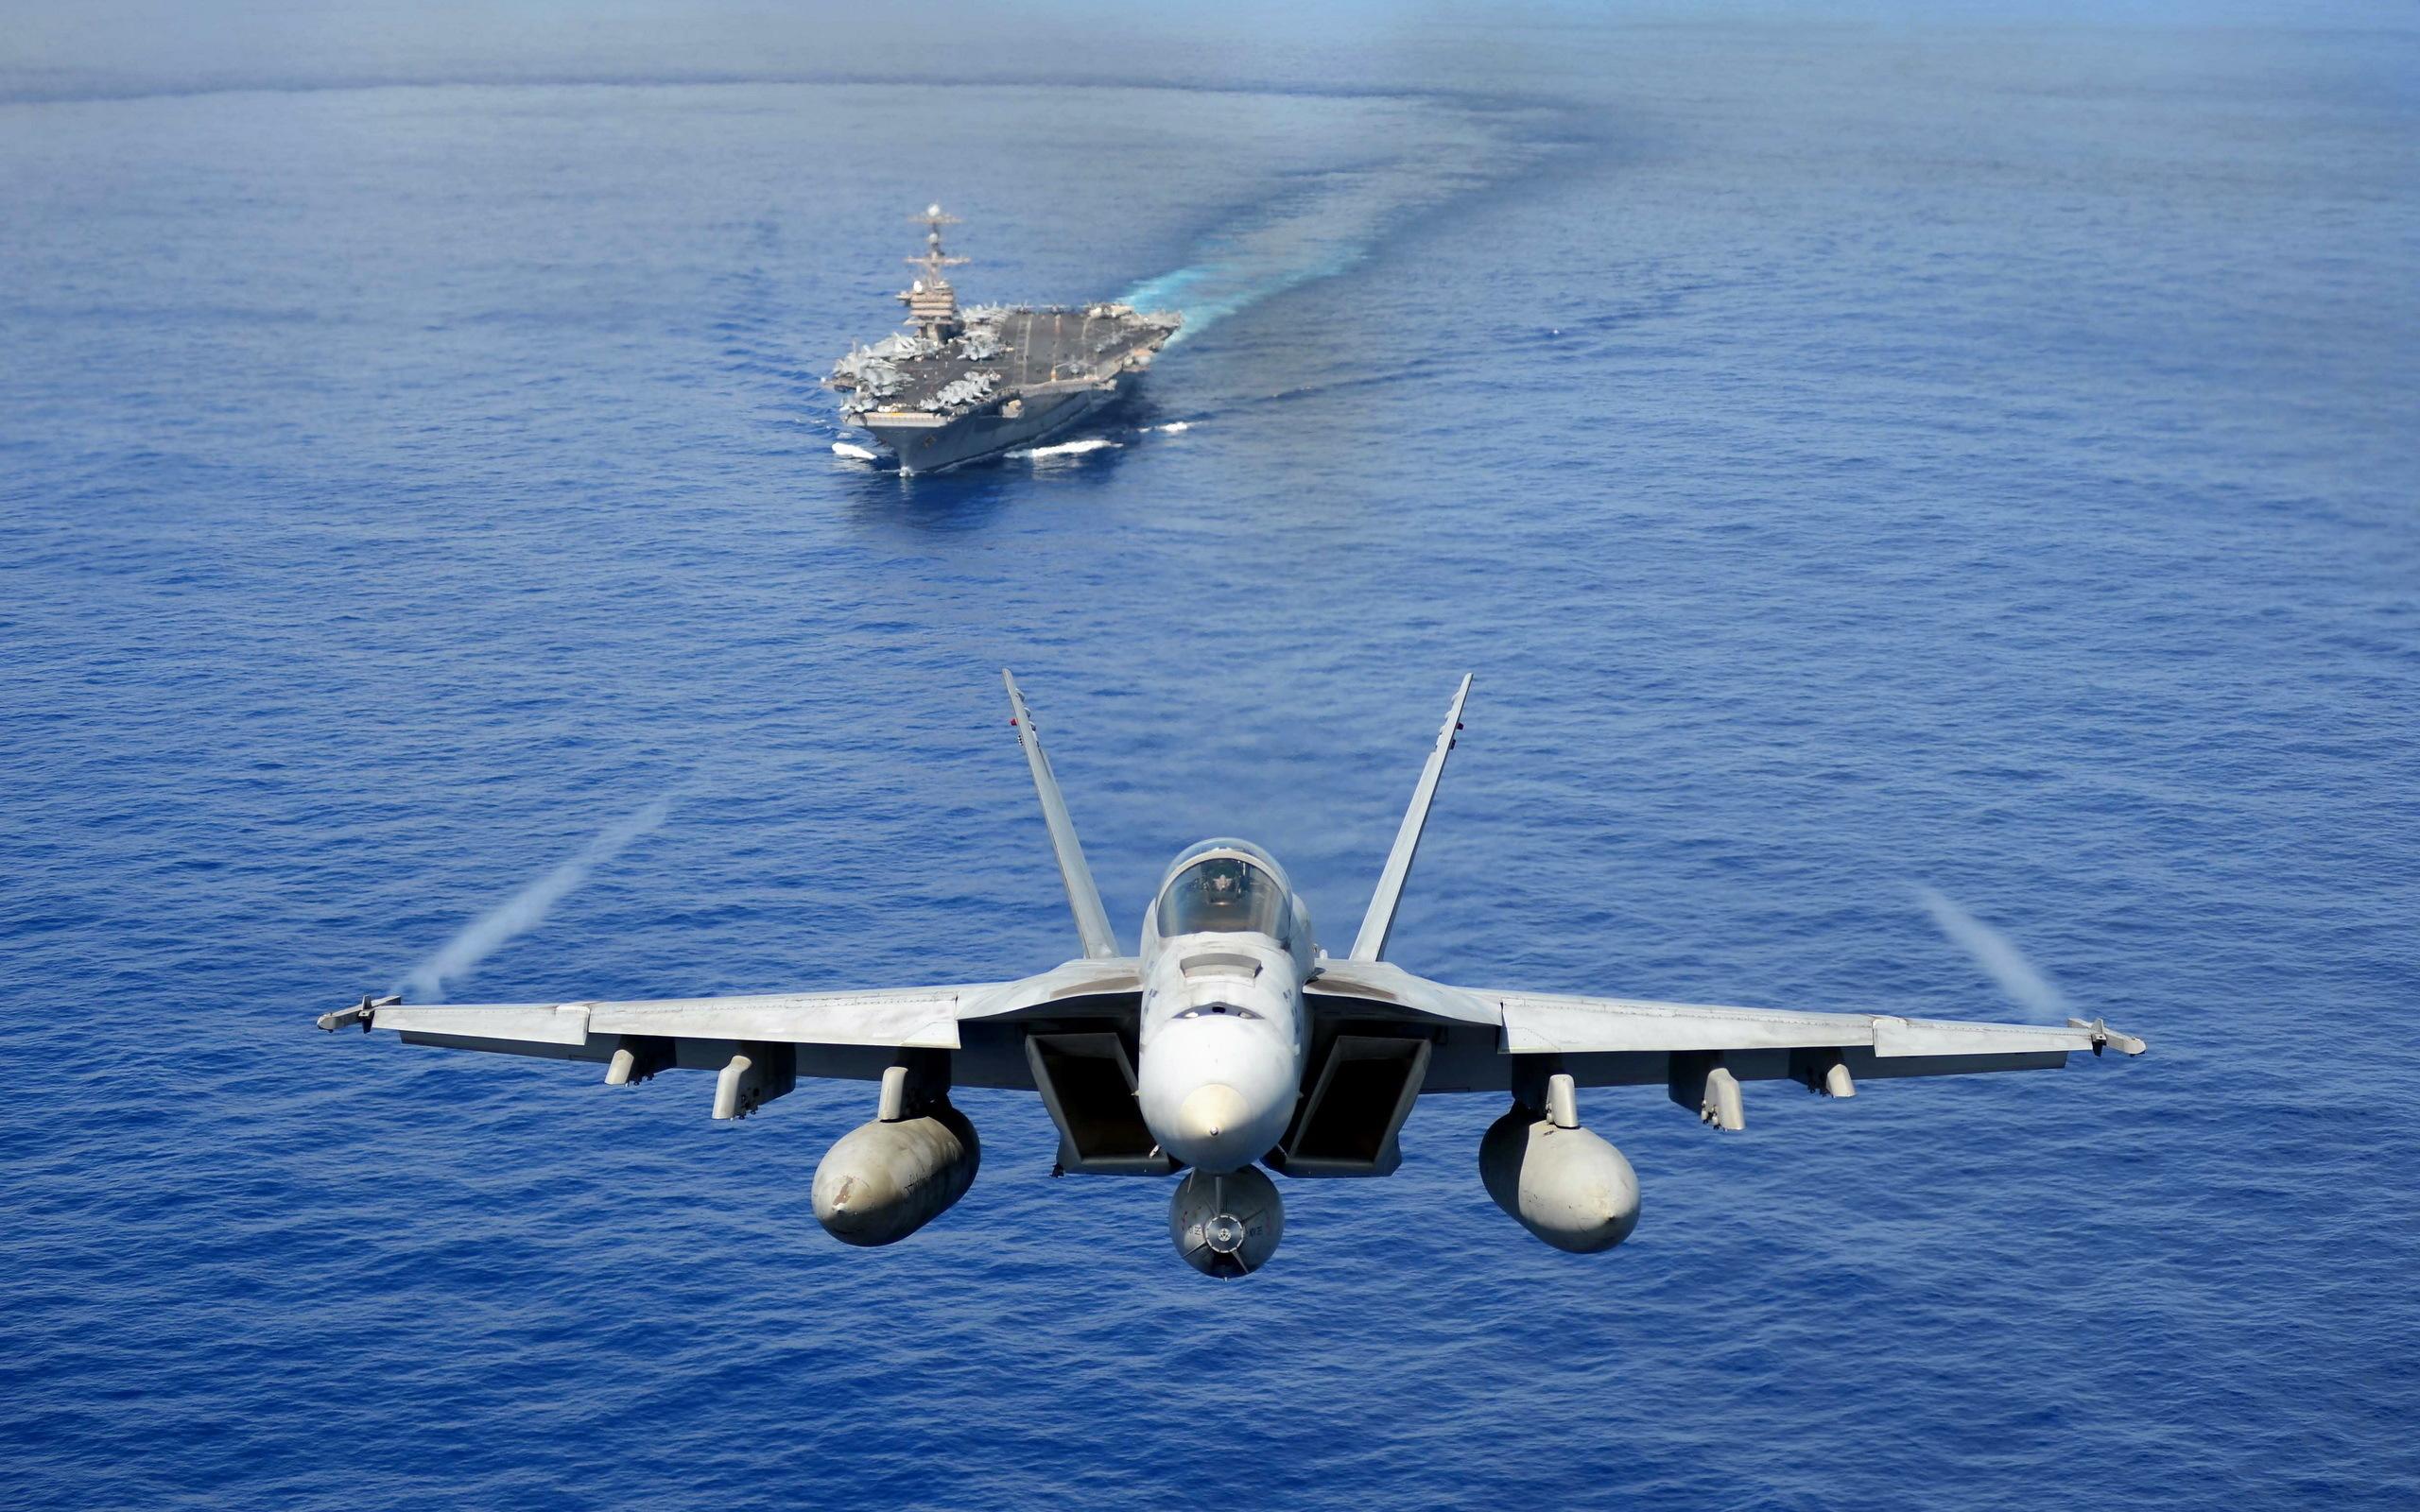 фото военных кораблей и самолетов россии подчеркивает